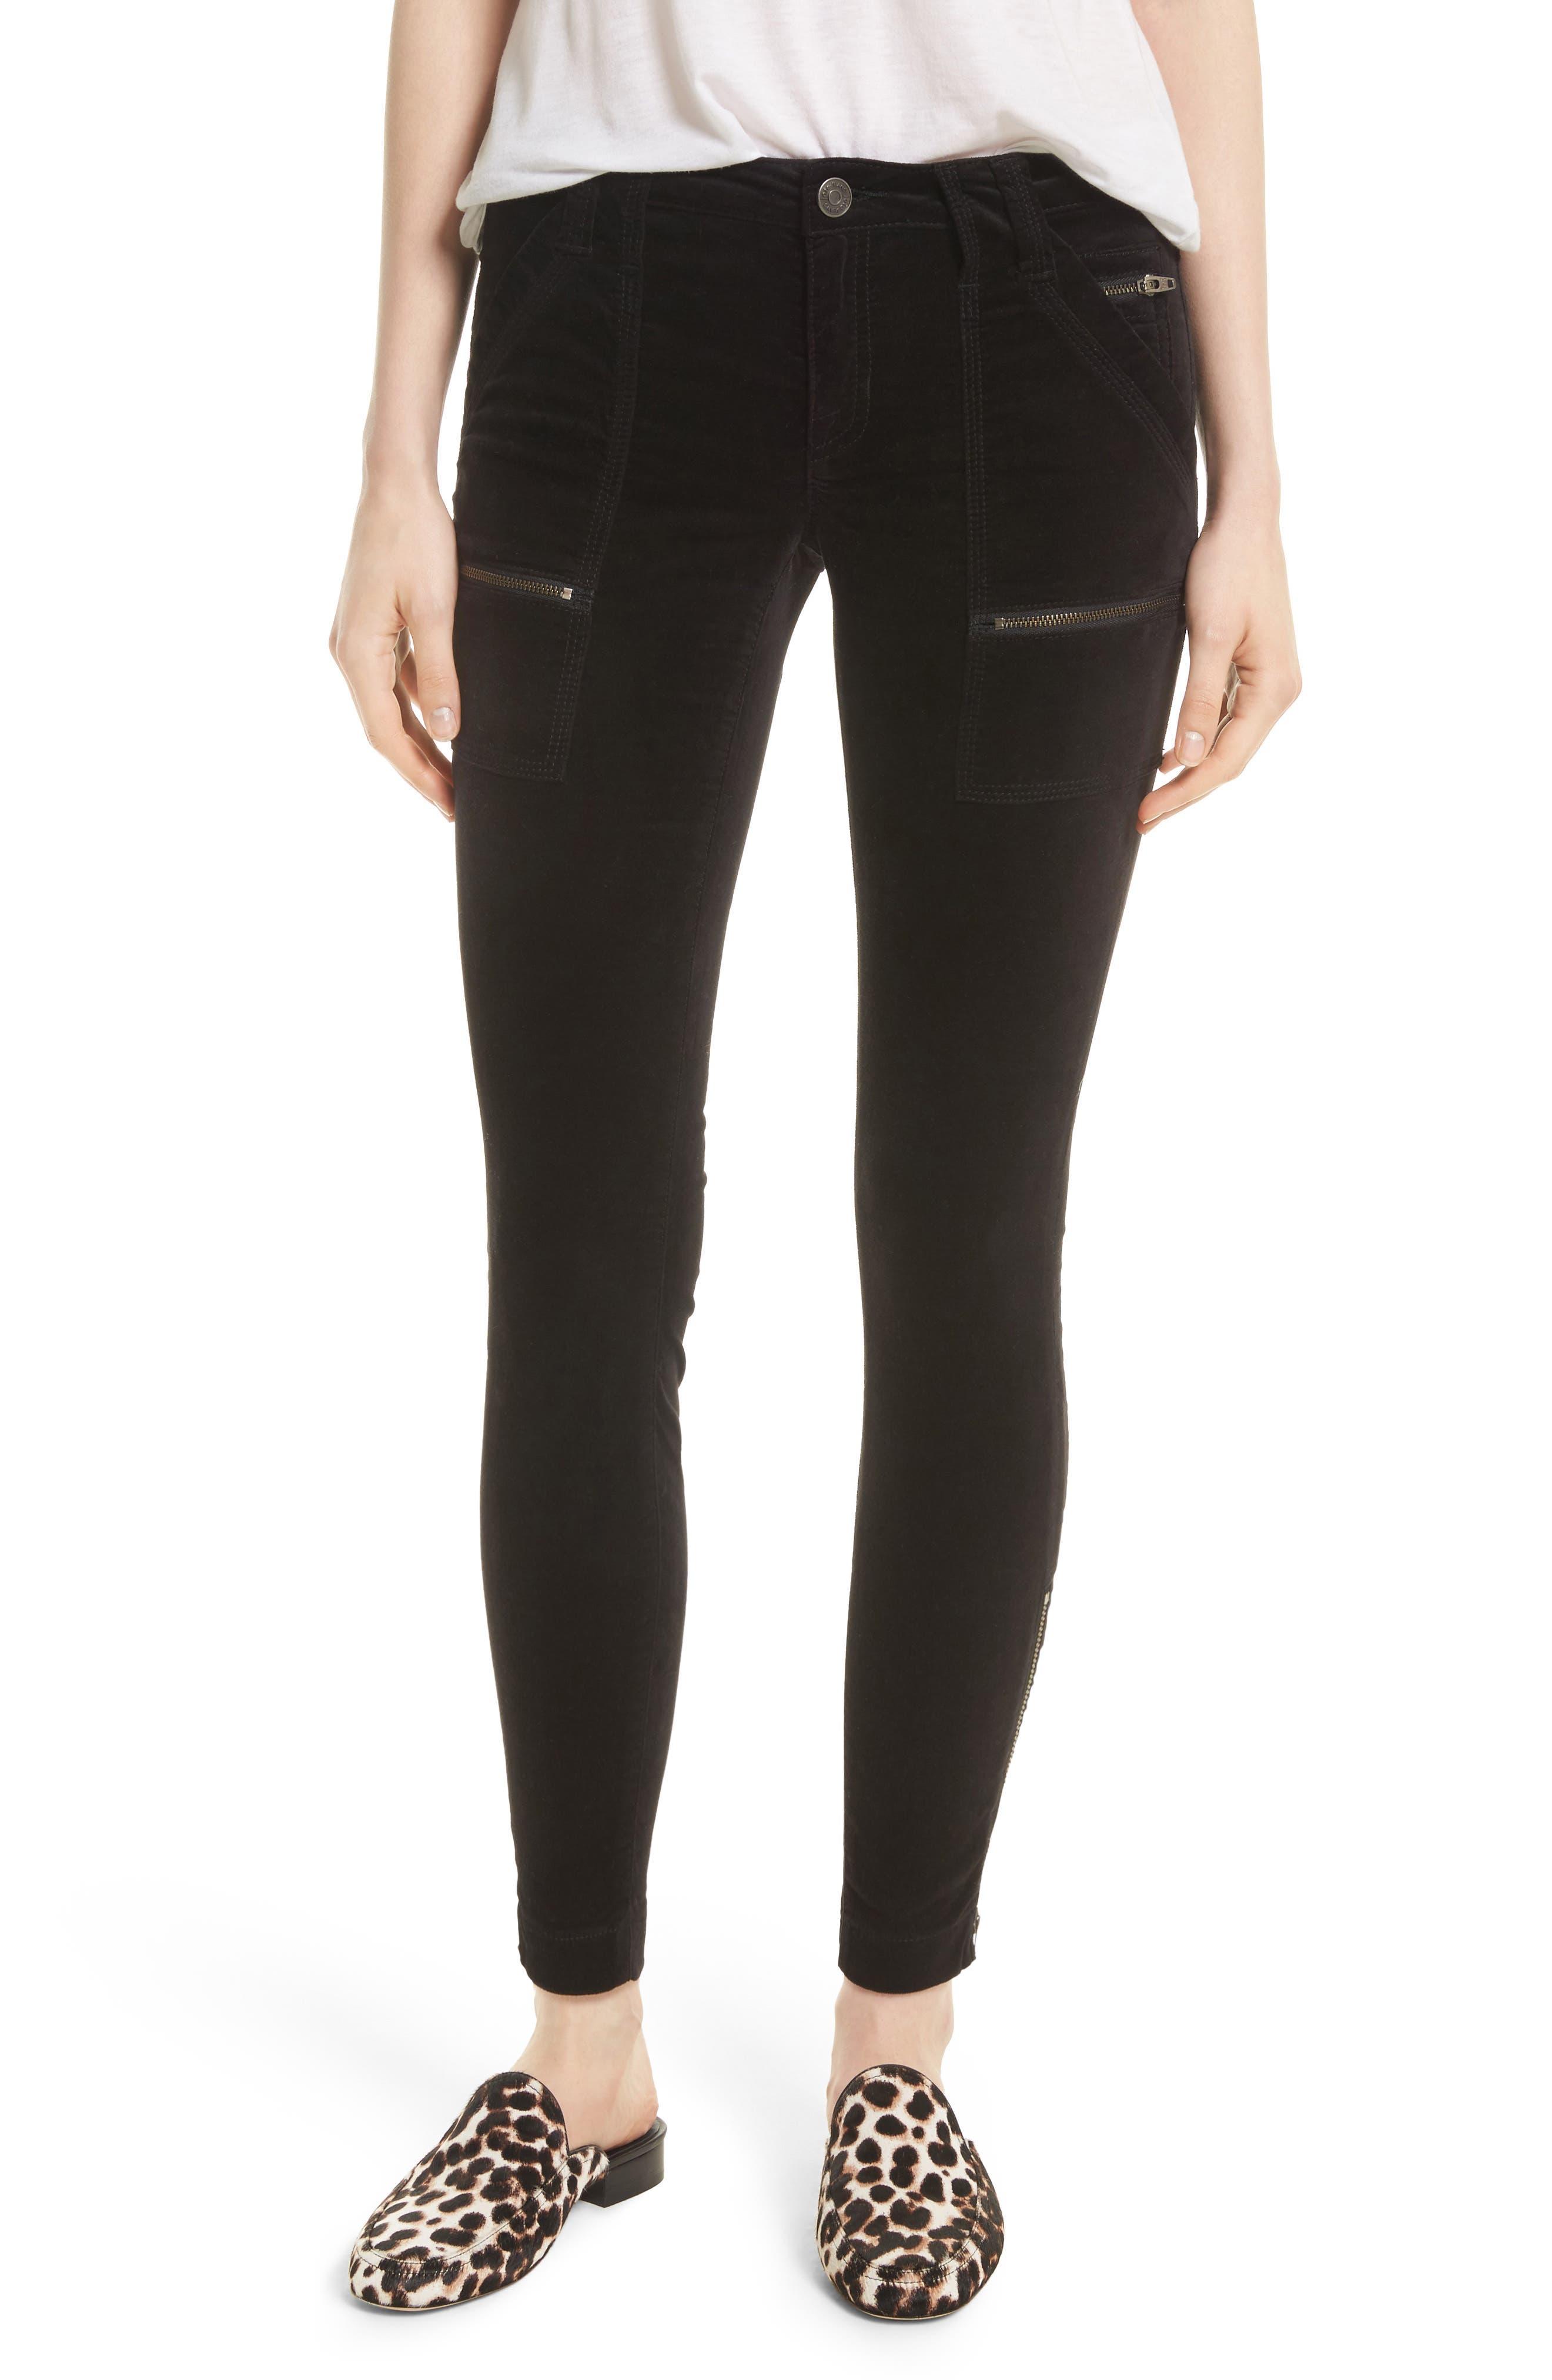 Joie Park Stretch Cotton Skinny Pants